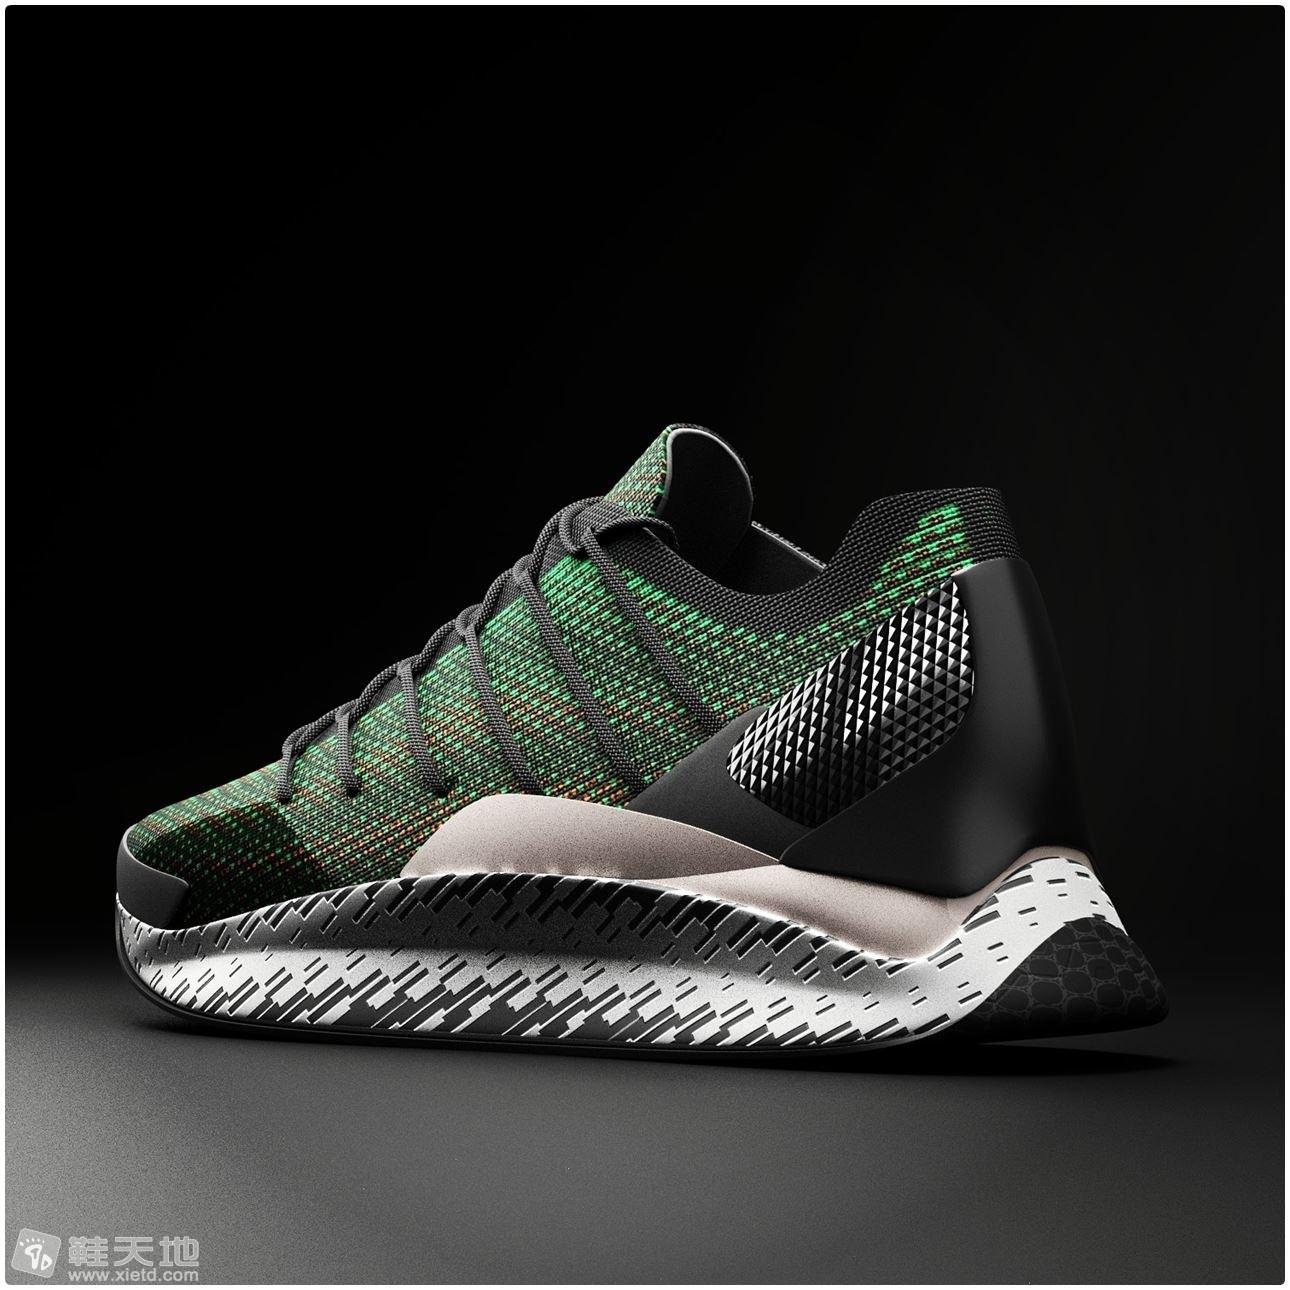 Sneaker concept (19).jpg